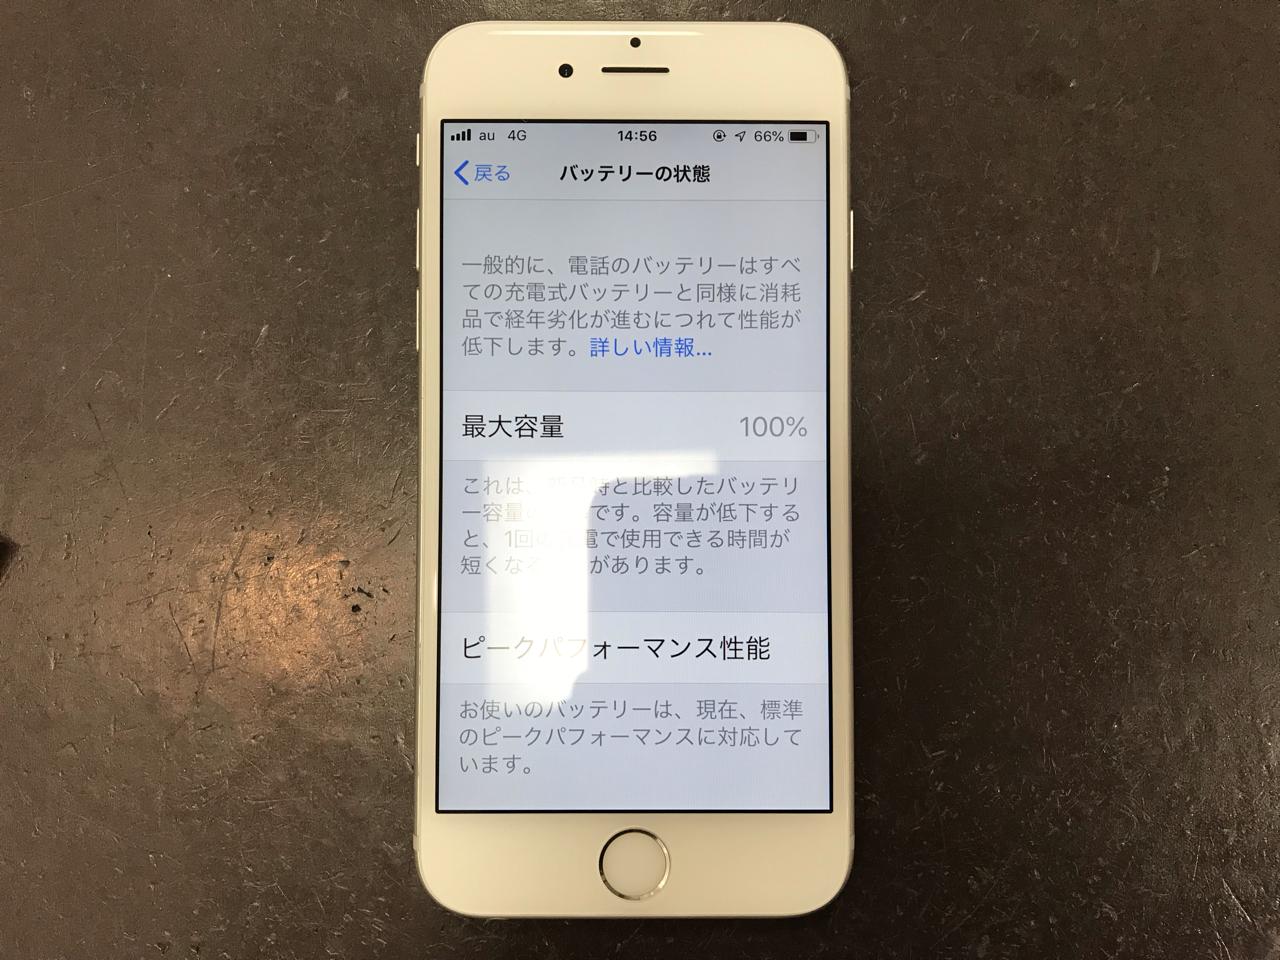 70b3c0f5-5e6e-4166-85f3-deb51068ae9d_1548666268_1091830772 劣化が進んだiPhone6のバッテリー交換をしました!